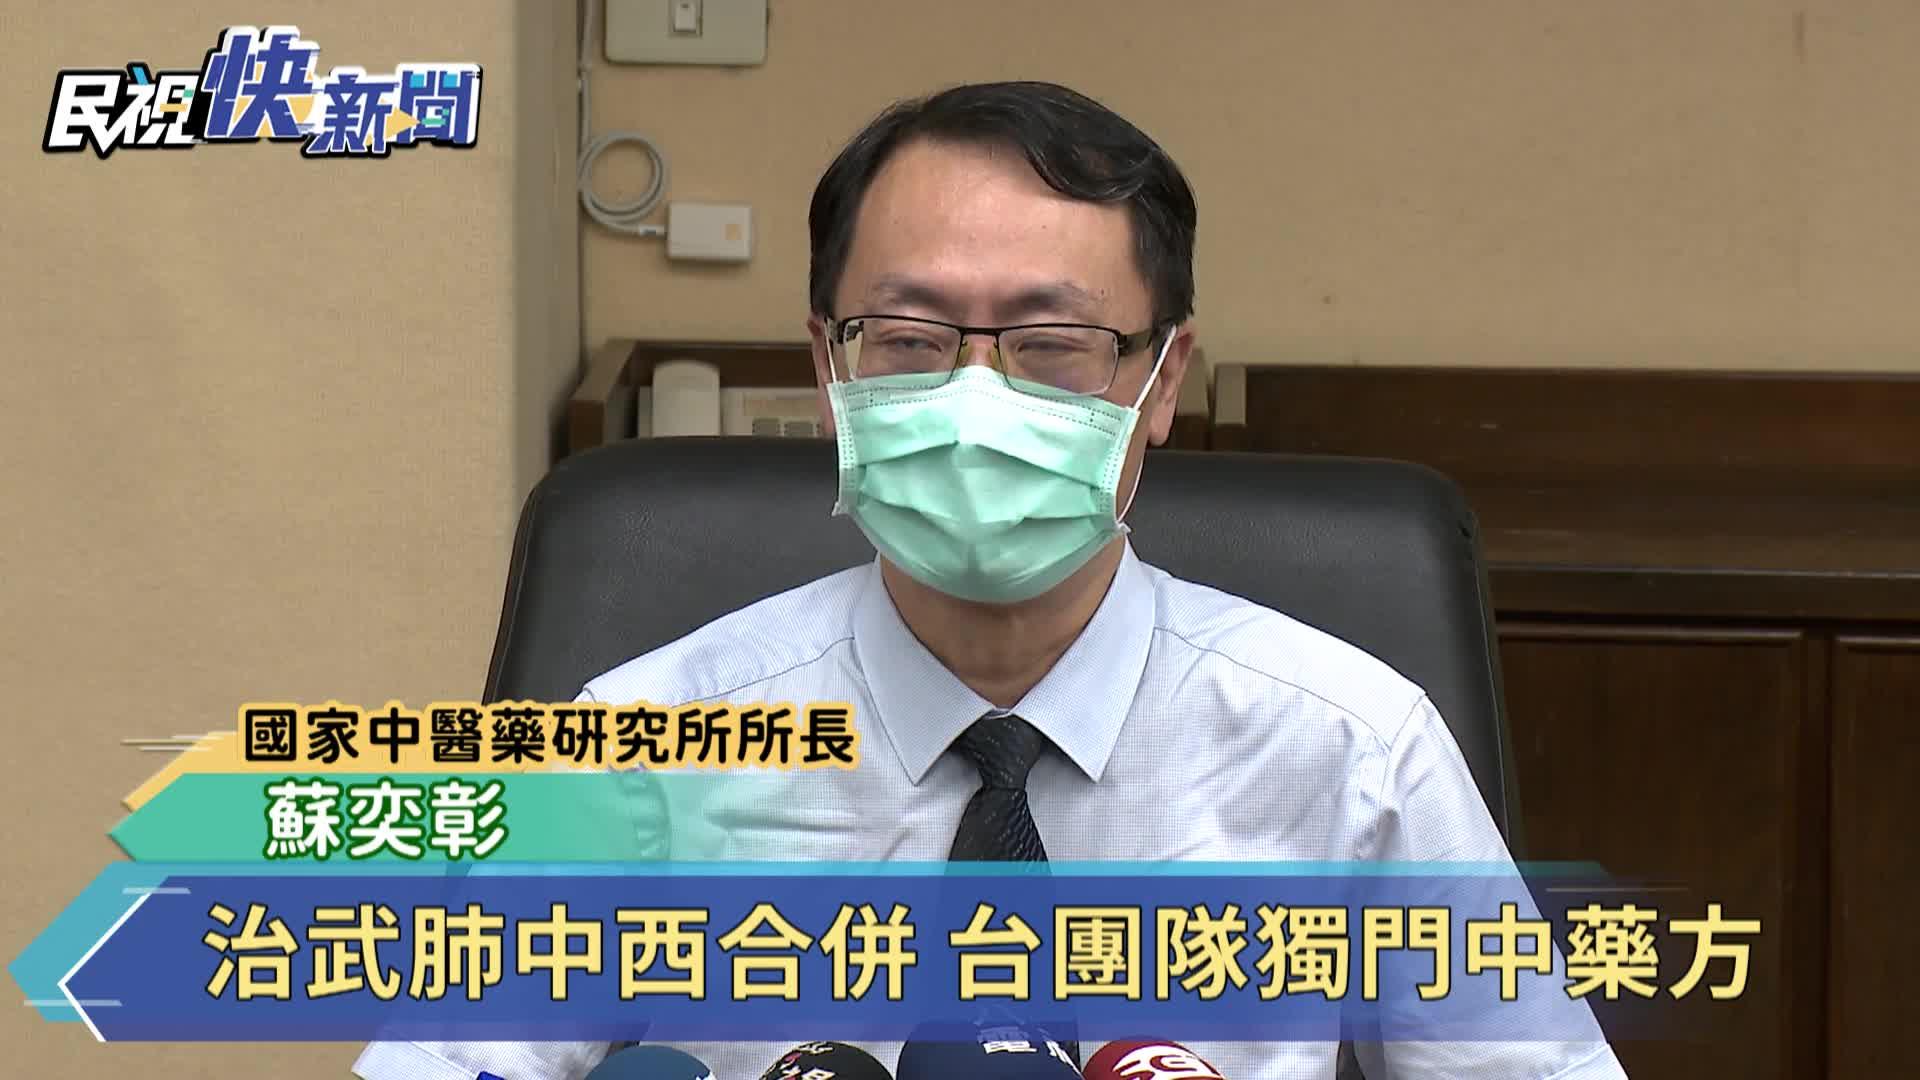 8-10天清病毒!台灣找出武漢肺炎中藥配方